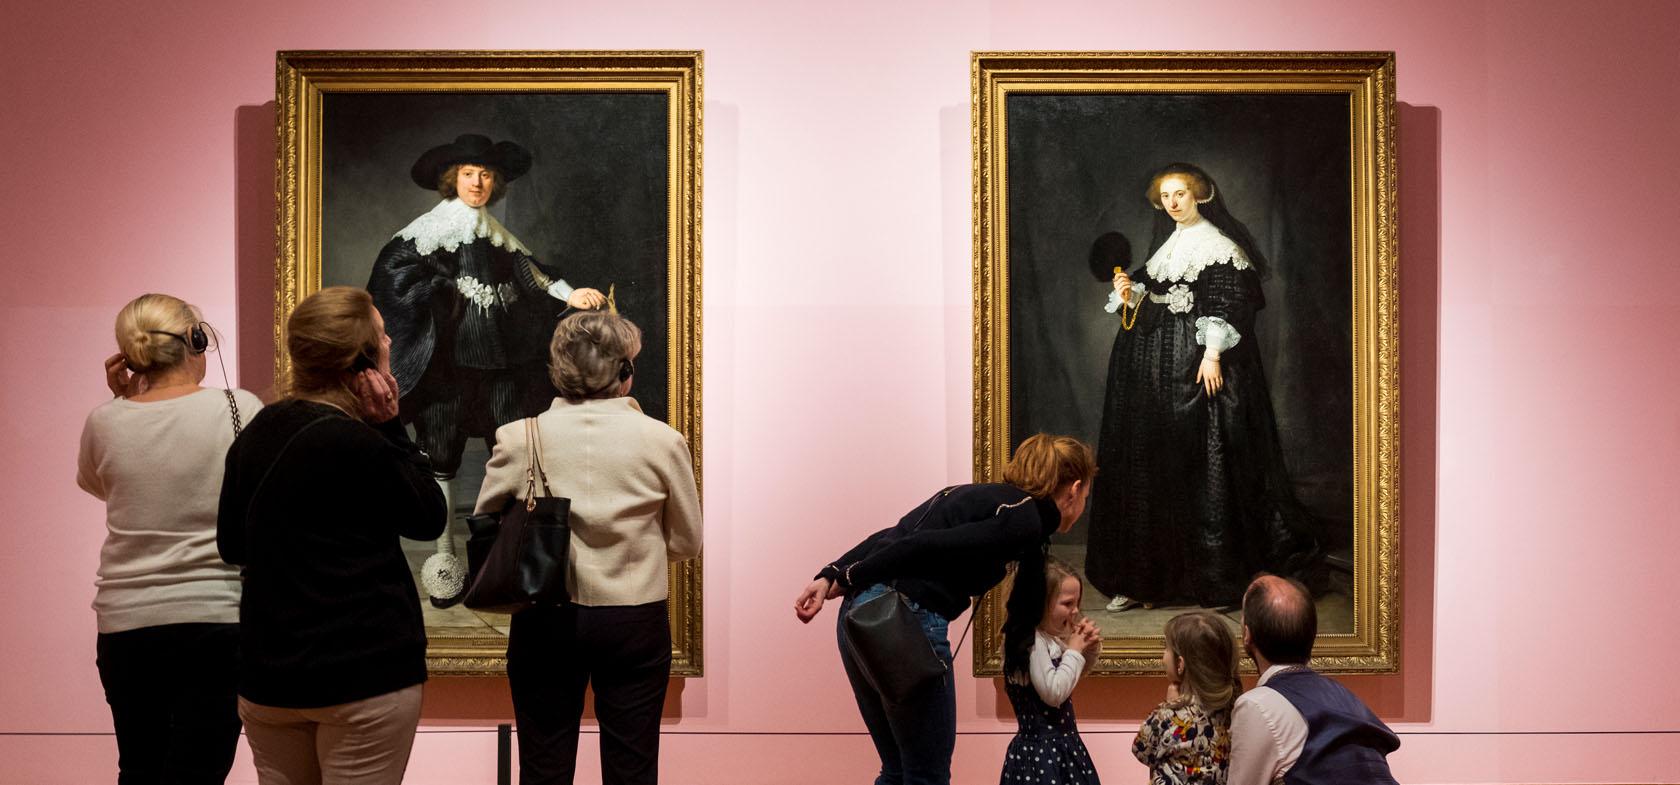 High-Society-Rembrandt-Marten-Soolmans-en-Oopjen-Coppit-Foto-Rijksmuseum-David-van-Dam-1